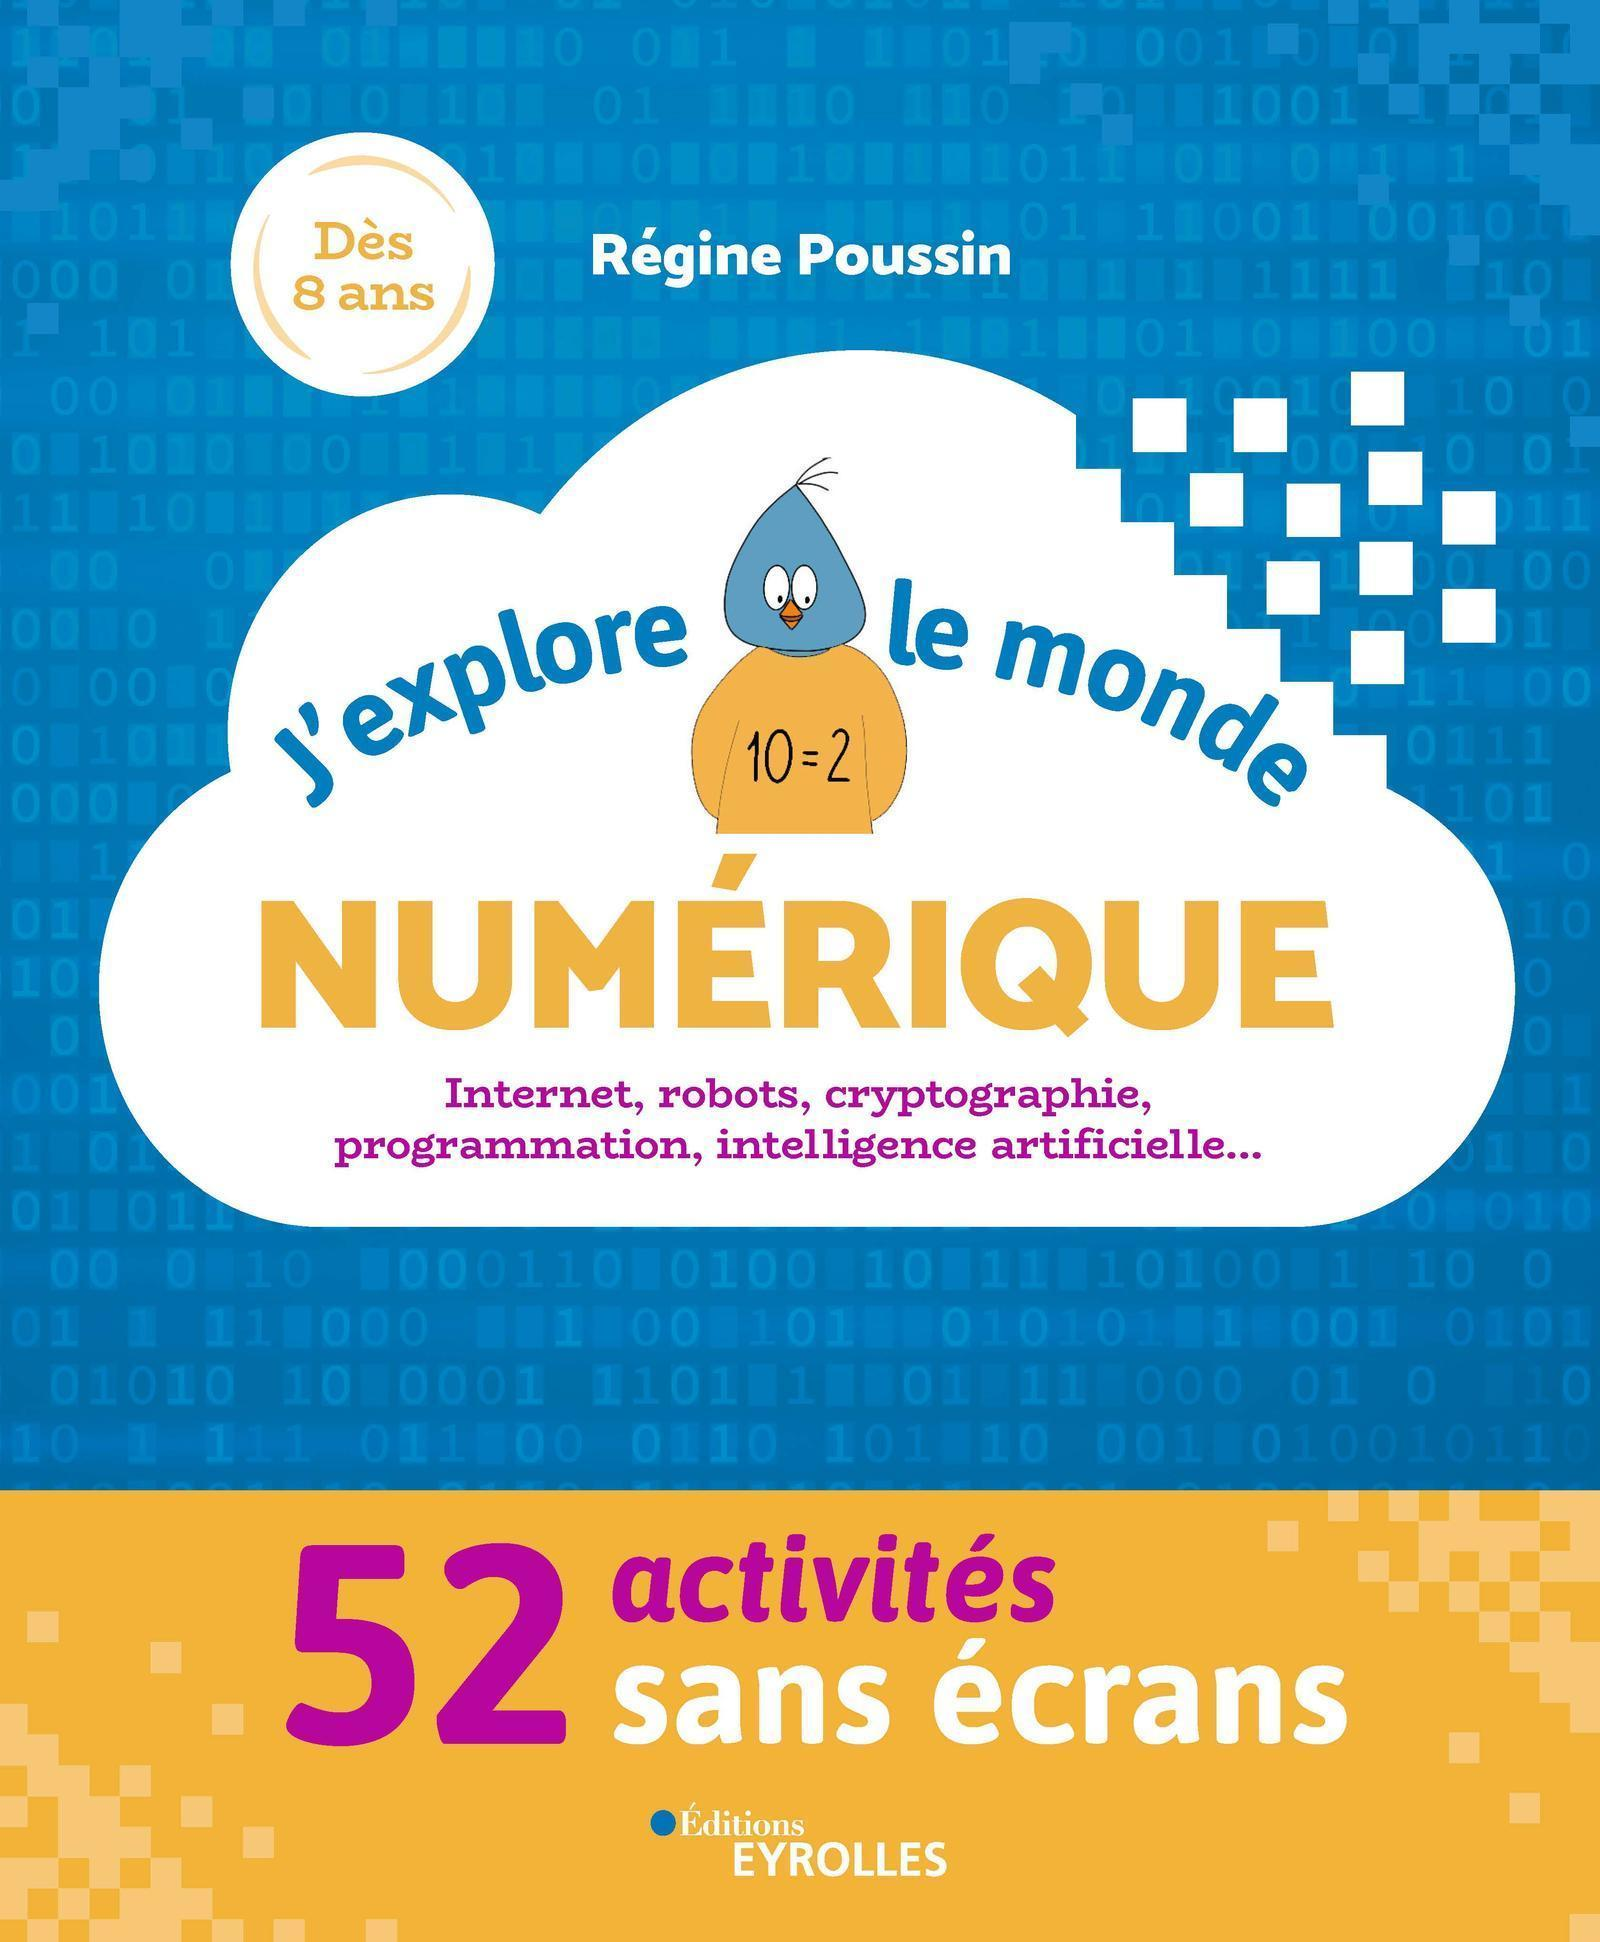 J'EXPLORE LE MONDE NUMERIQUE - 52 ACTIVITES SANS ECRANS. INTERNET, ROBOTS, CRYPTOGRAPHIE, PROGRAMMAT